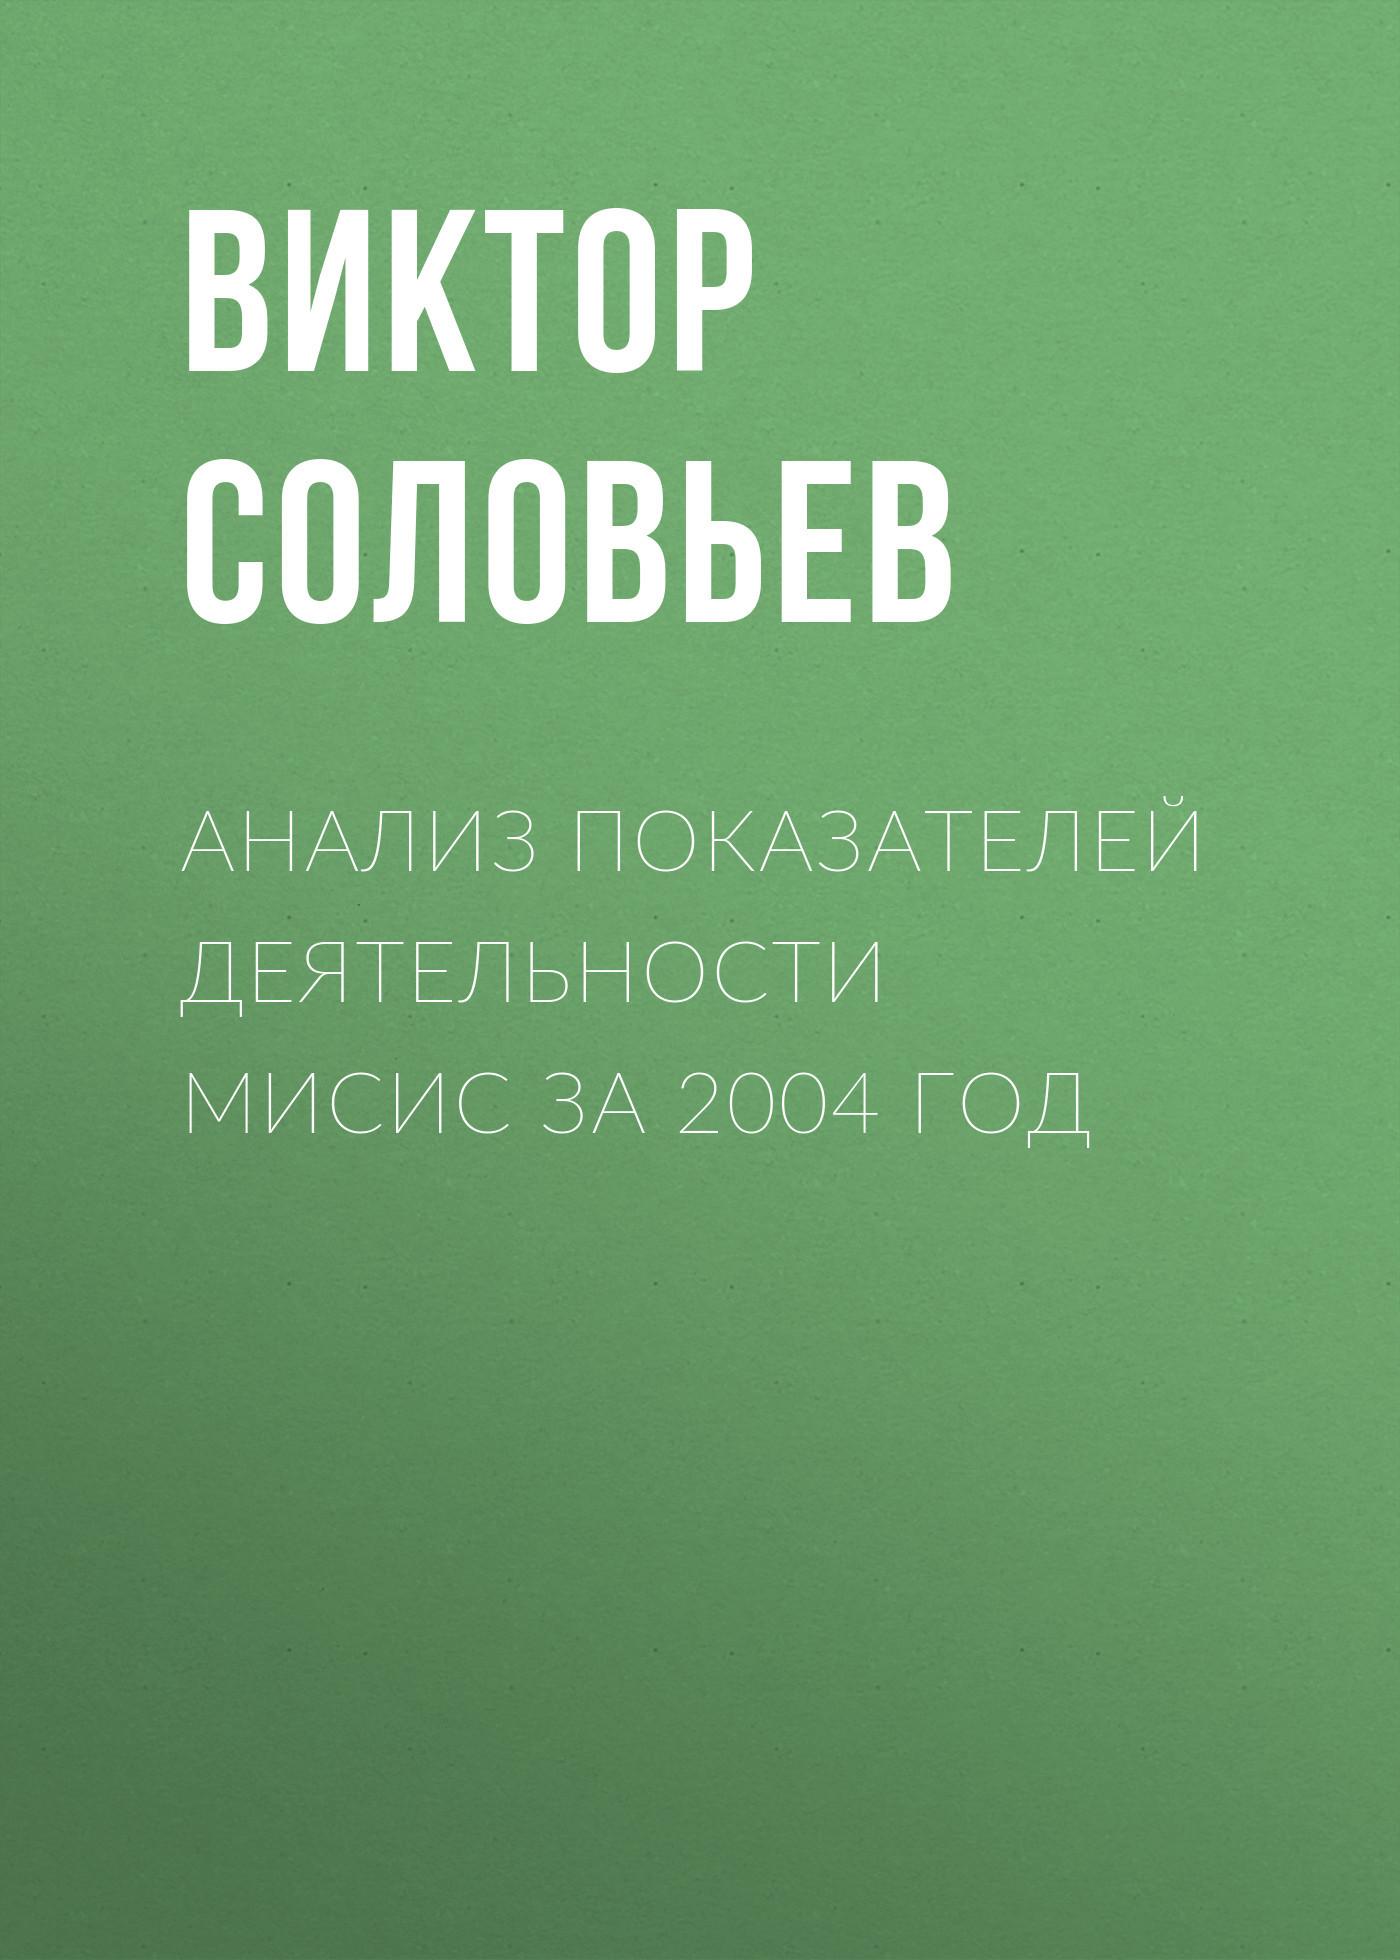 Виктор Соловьев Анализ показателей деятельности МИСиС за 2004 год